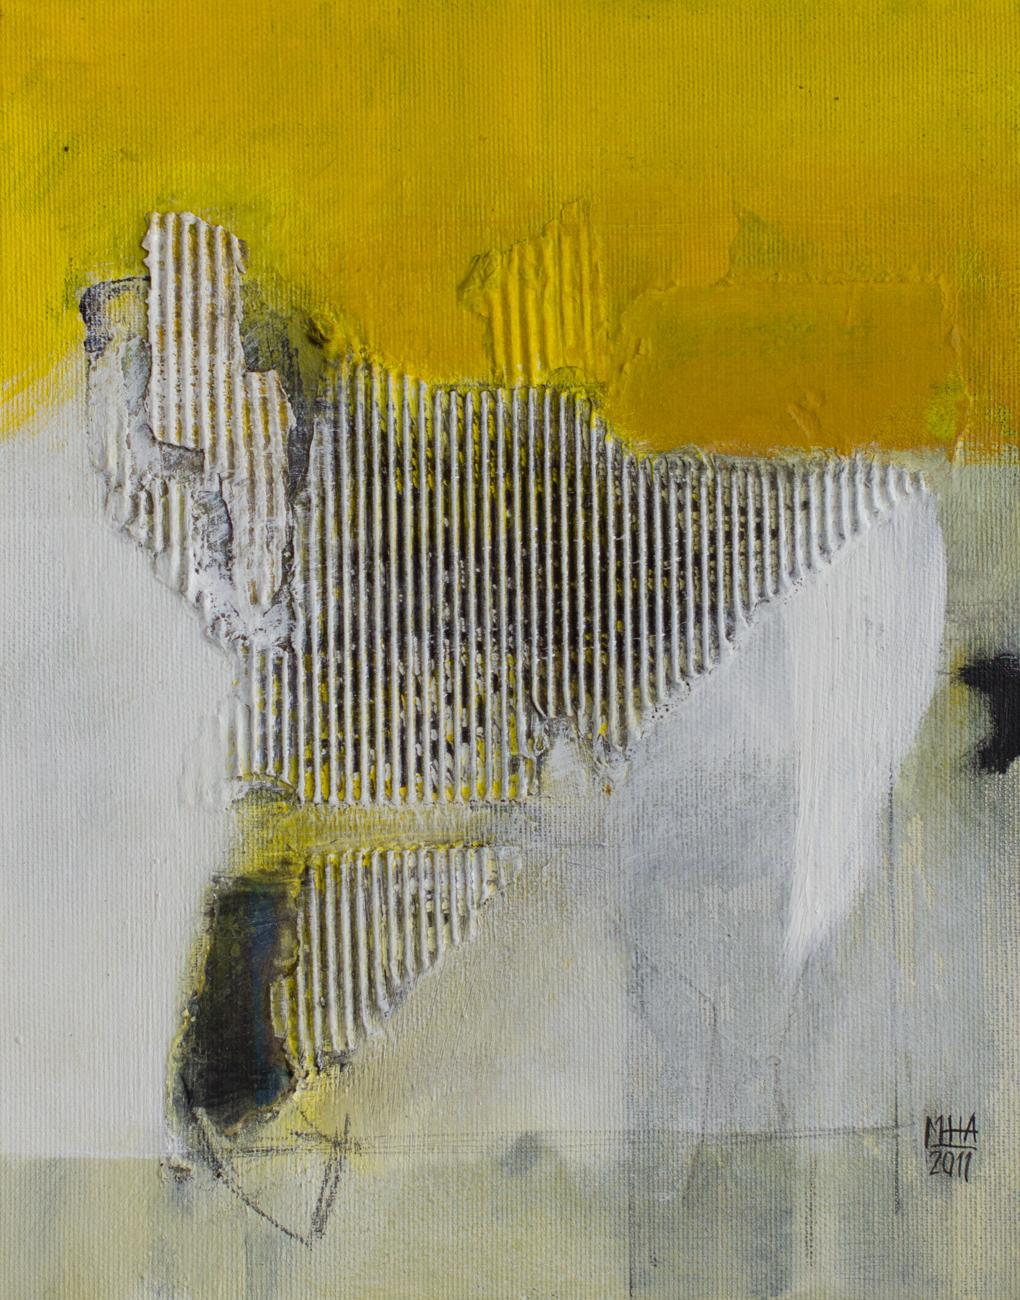 gelbes Bild B , 2011,Collage mit Acryl auf Leinwand, 24x30 cm